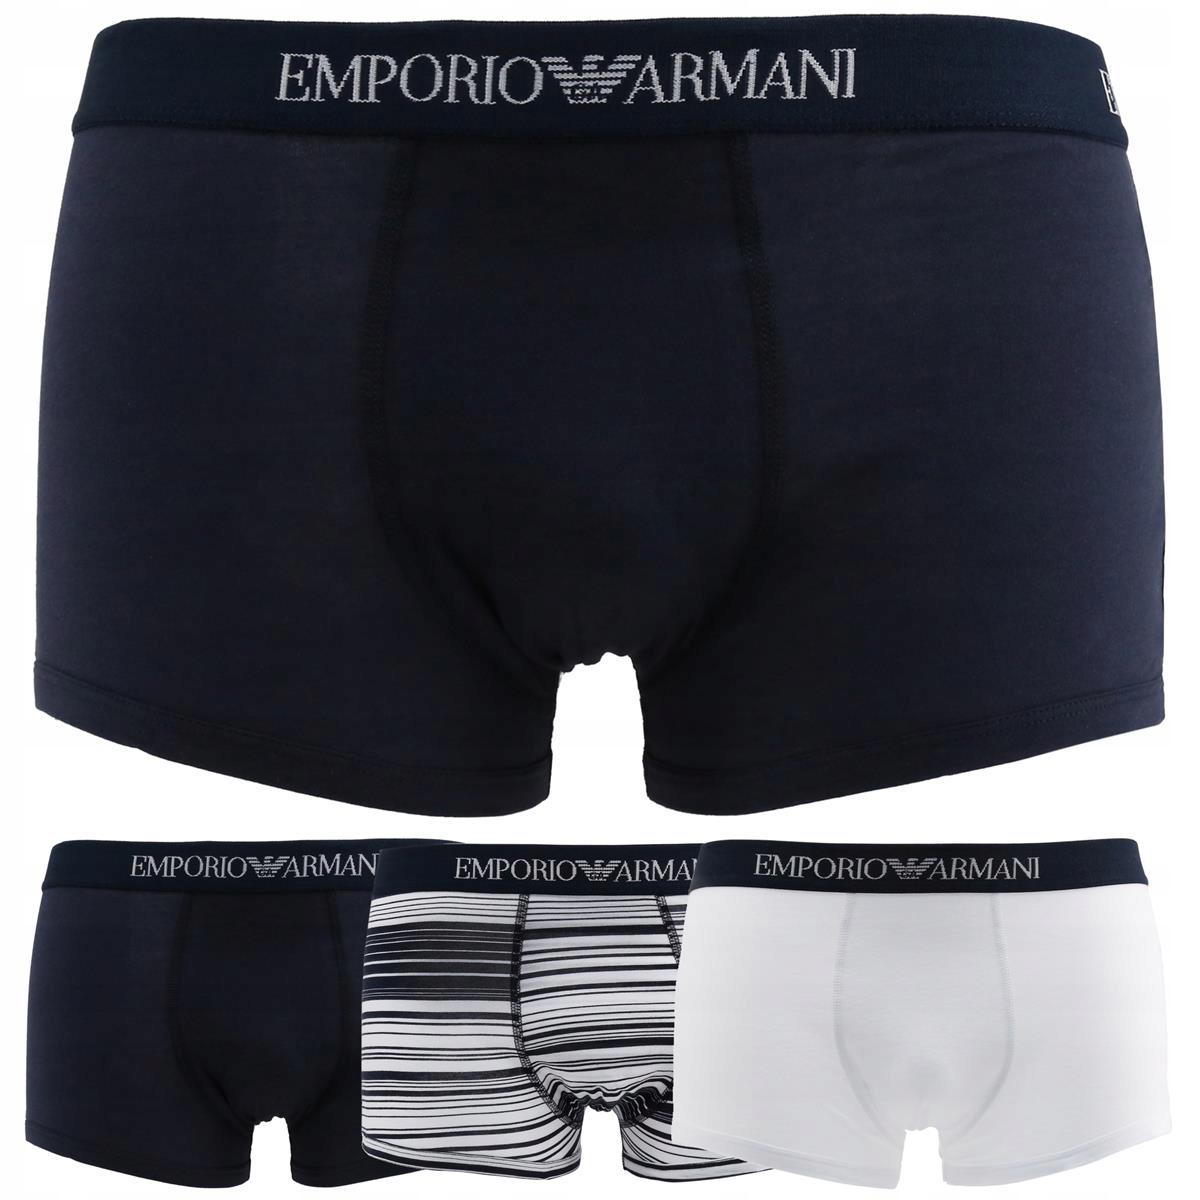 Emporio Armani bokserki męskie zestaw 3 pary L